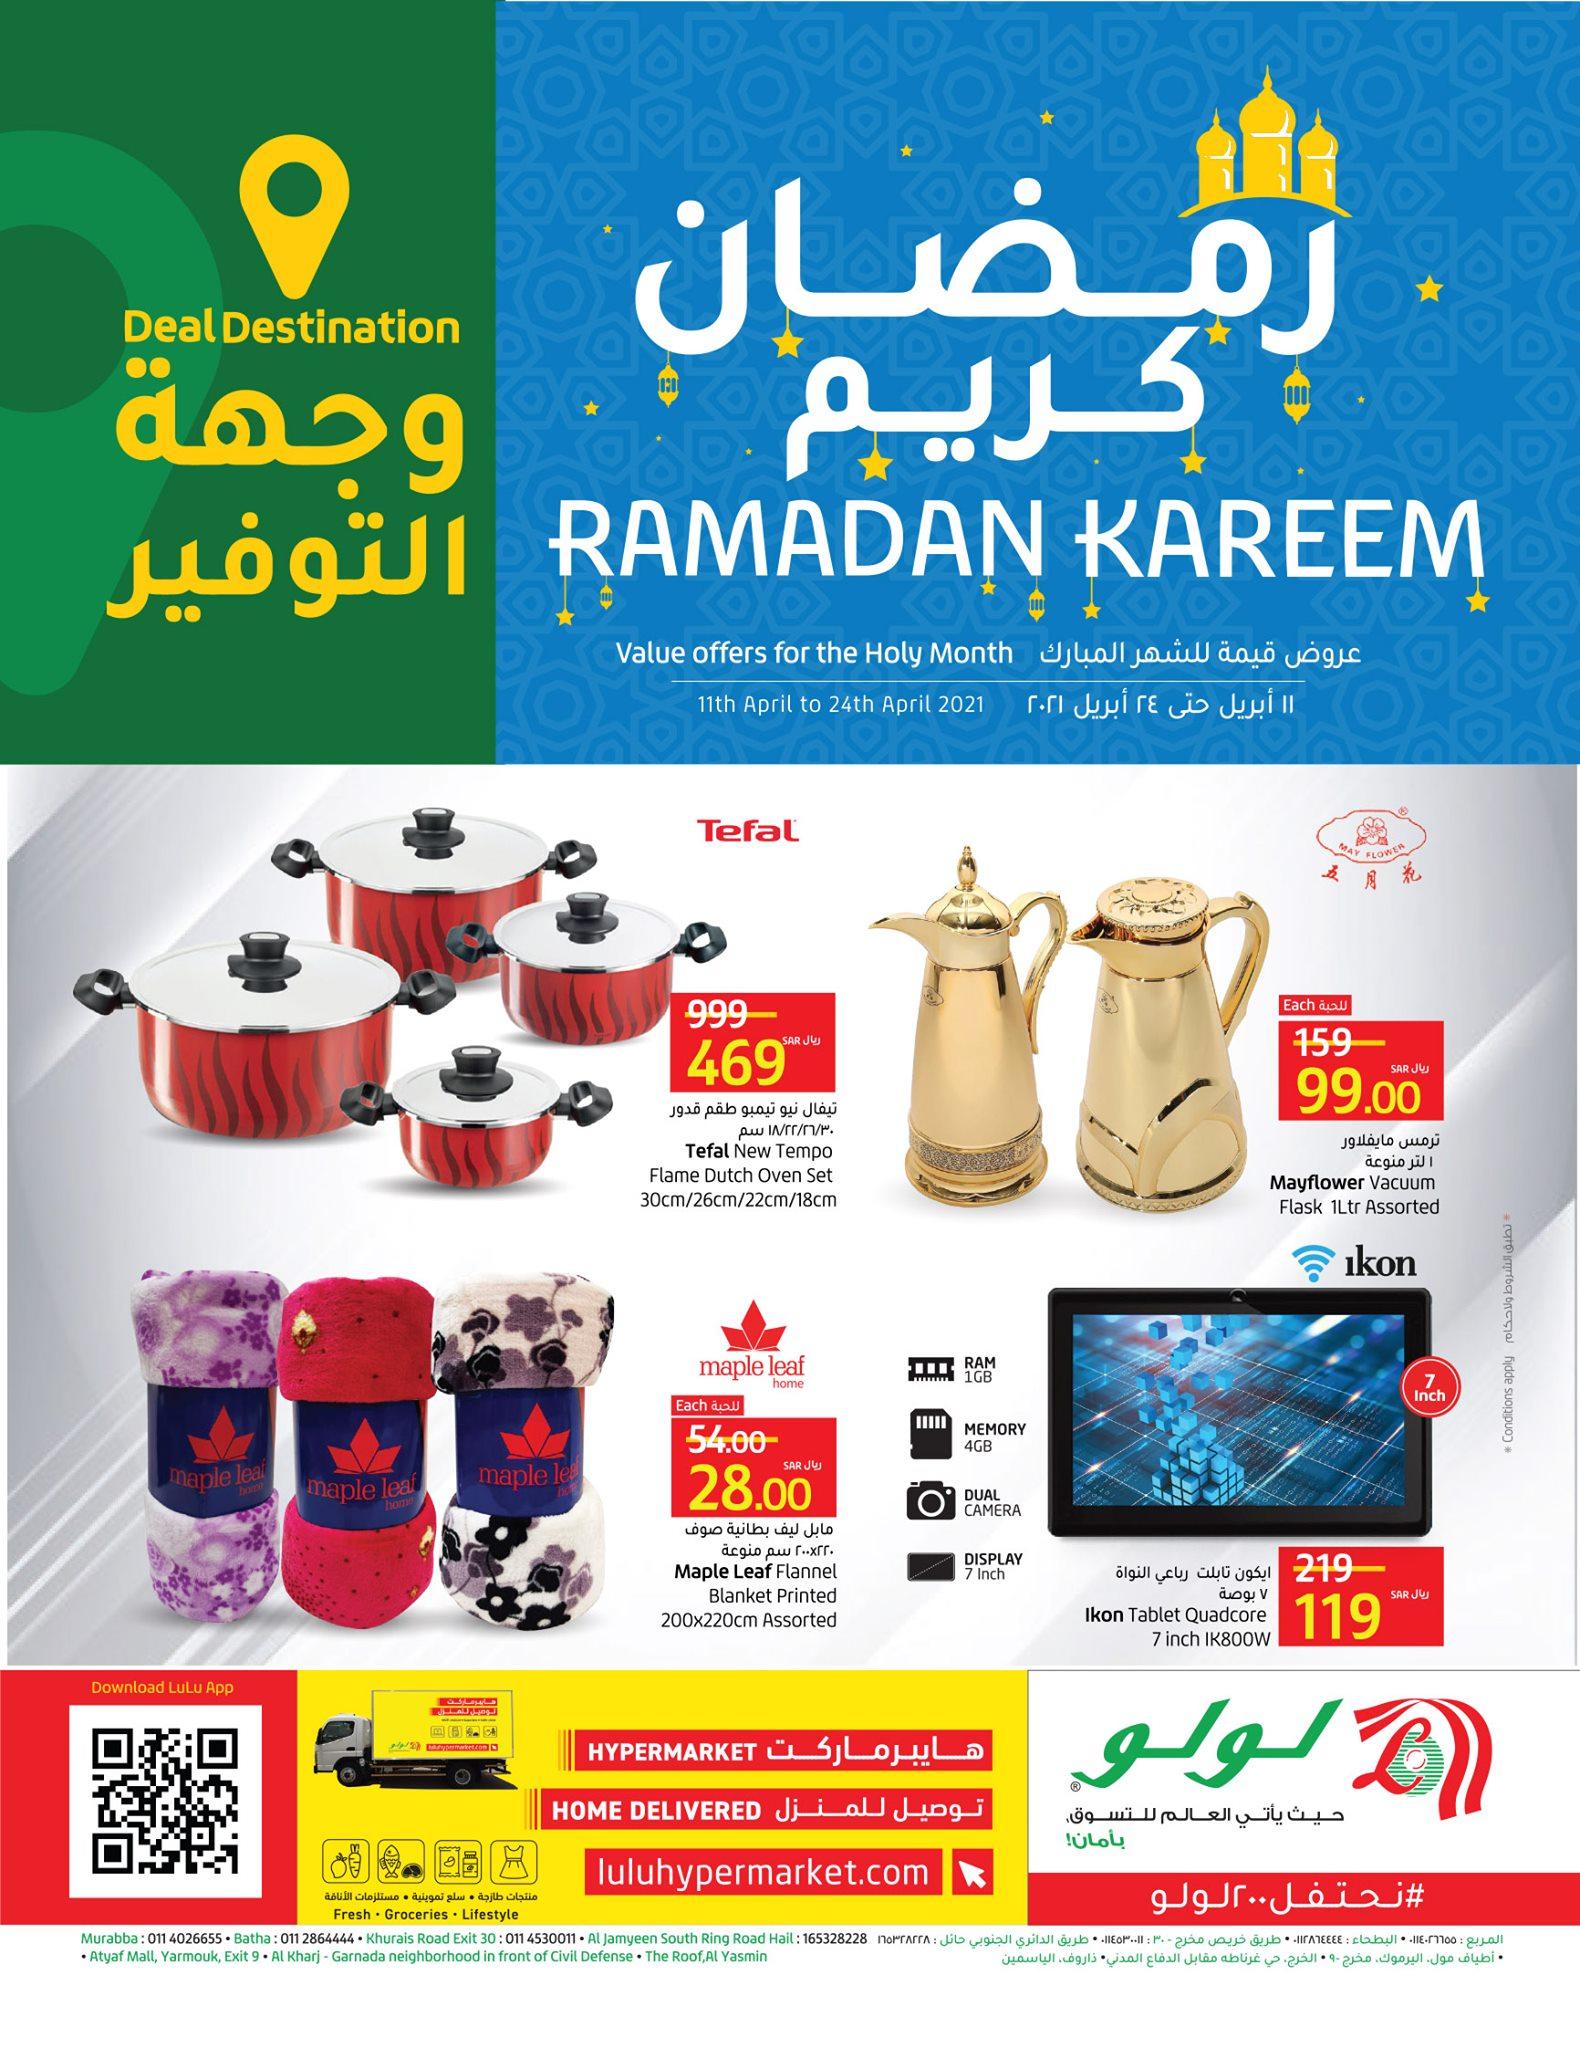 عروض لولو الرياض اليوم 11 ابريل حتى 24 ابريل 2021 عروض رمضان